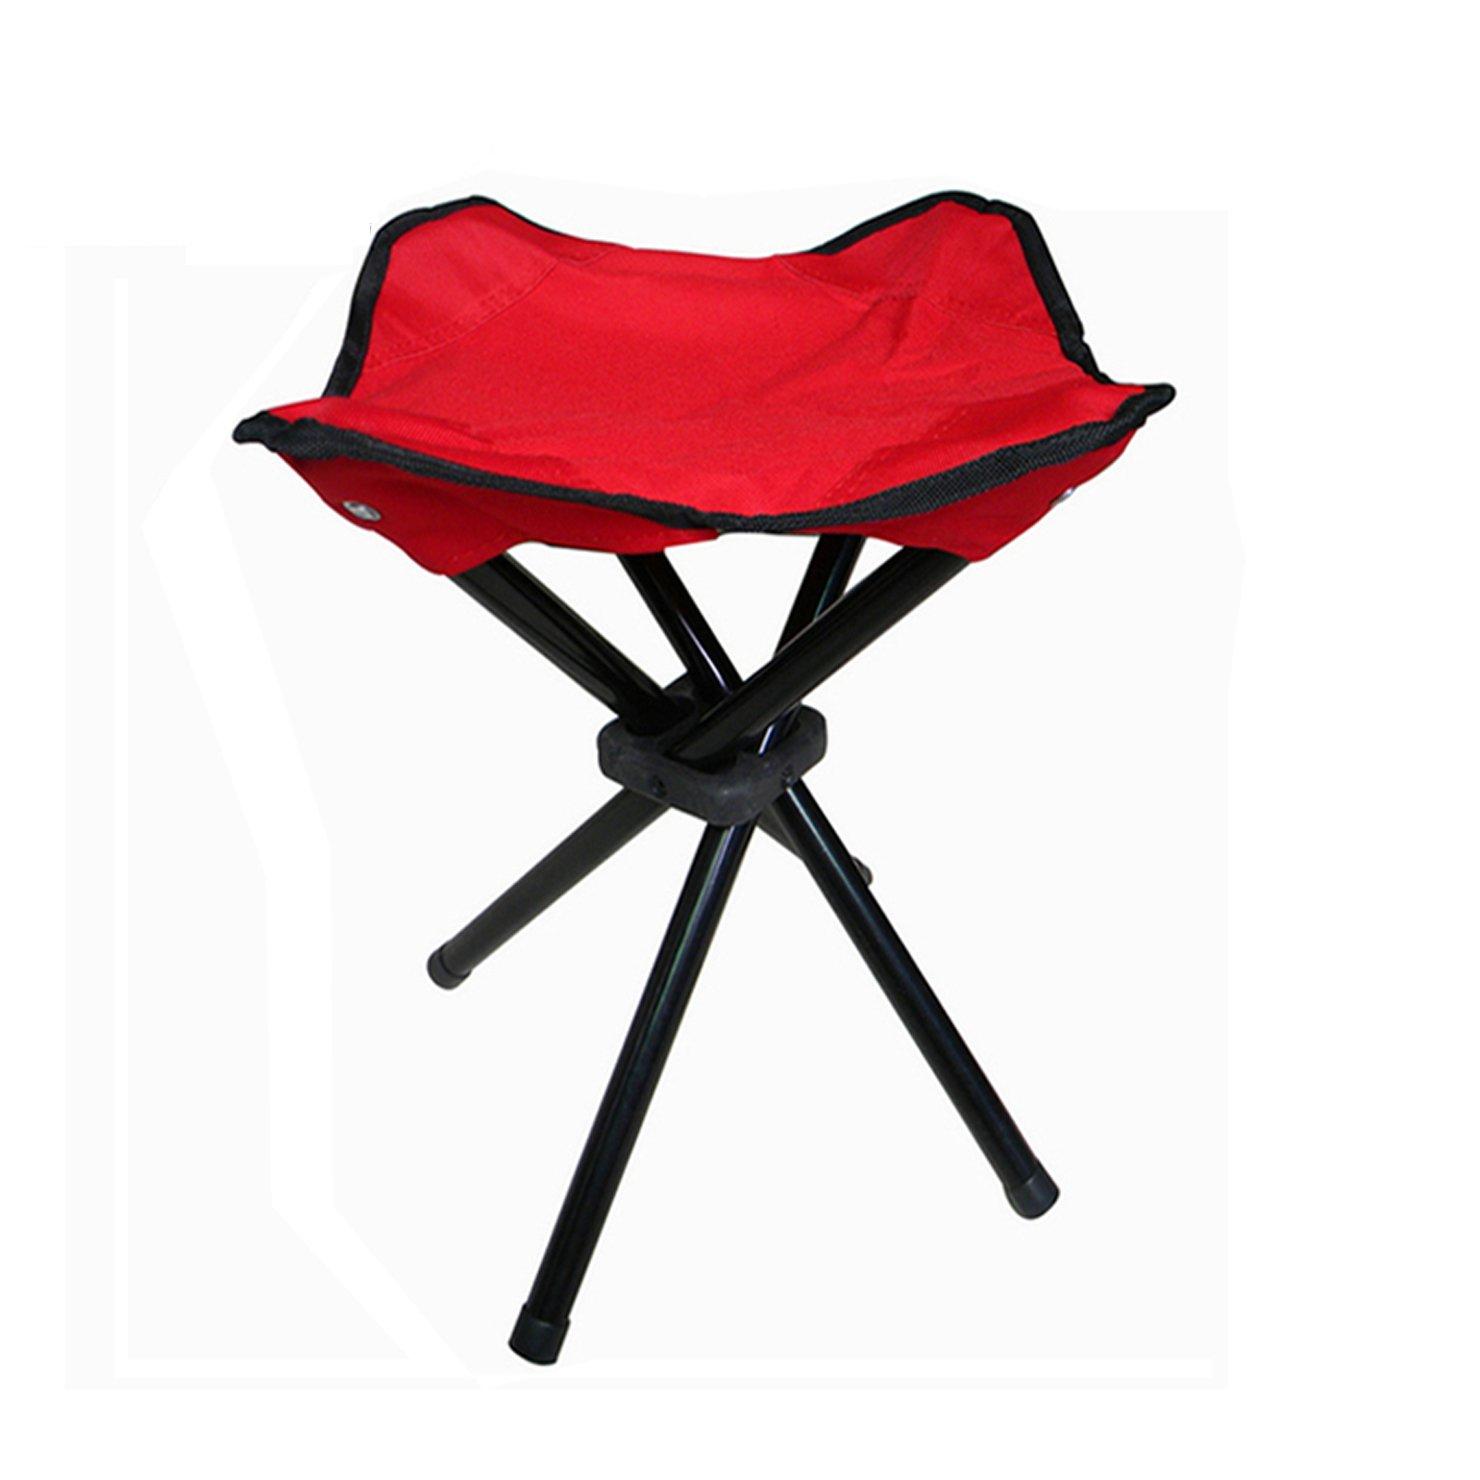 户外休闲便携式四角形折叠椅